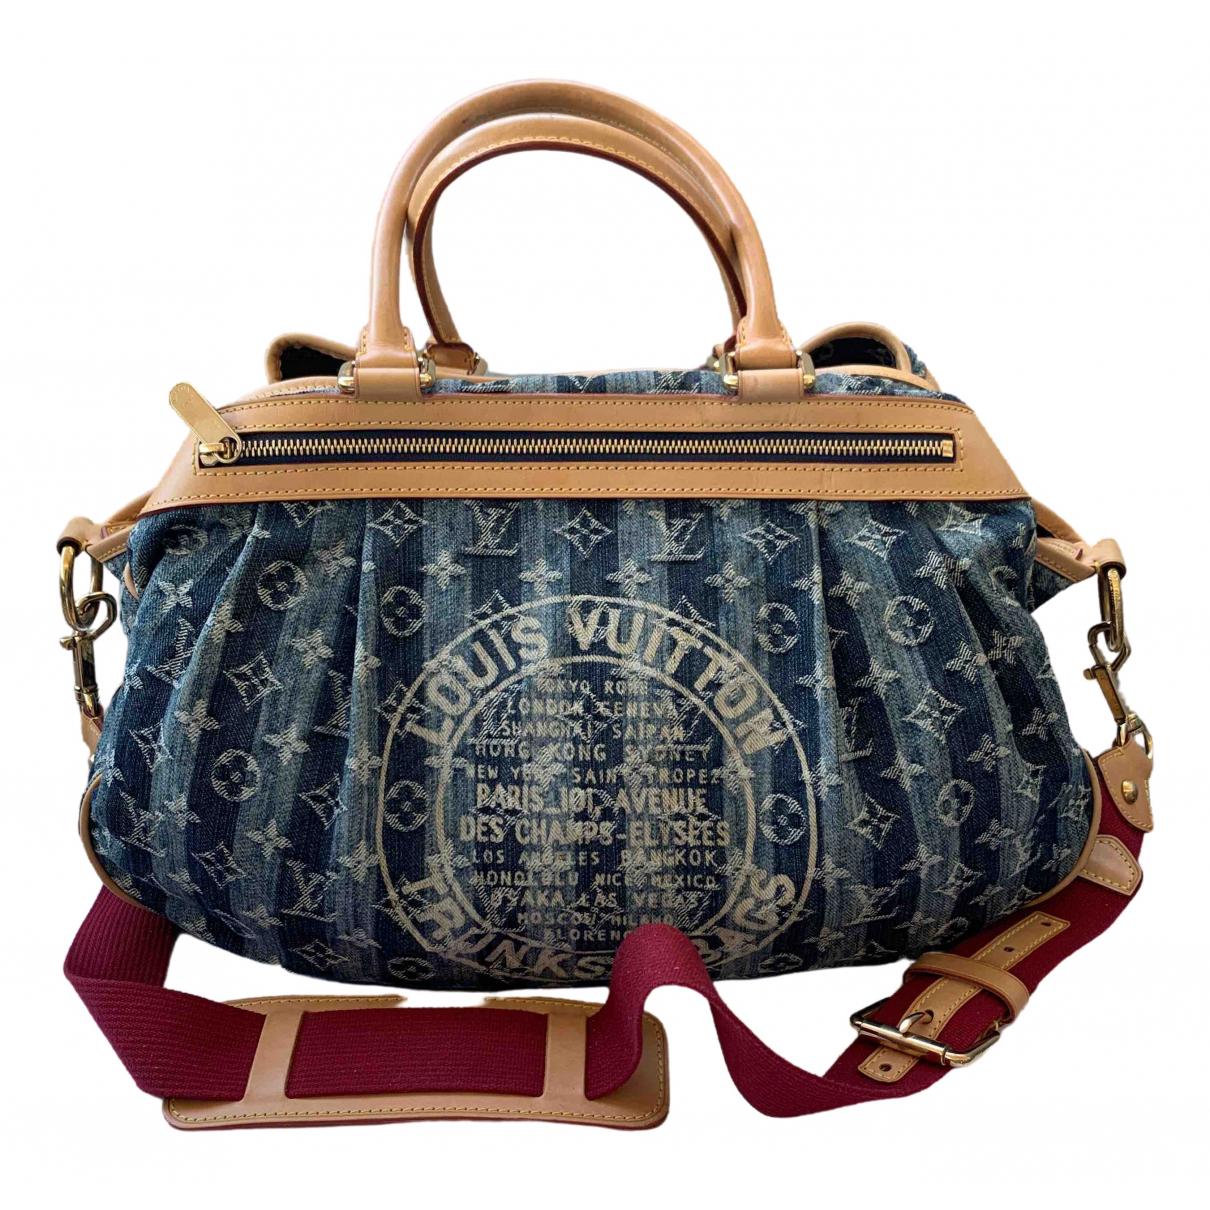 Louis Vuitton \N Handtasche in  Blau Denim - Jeans